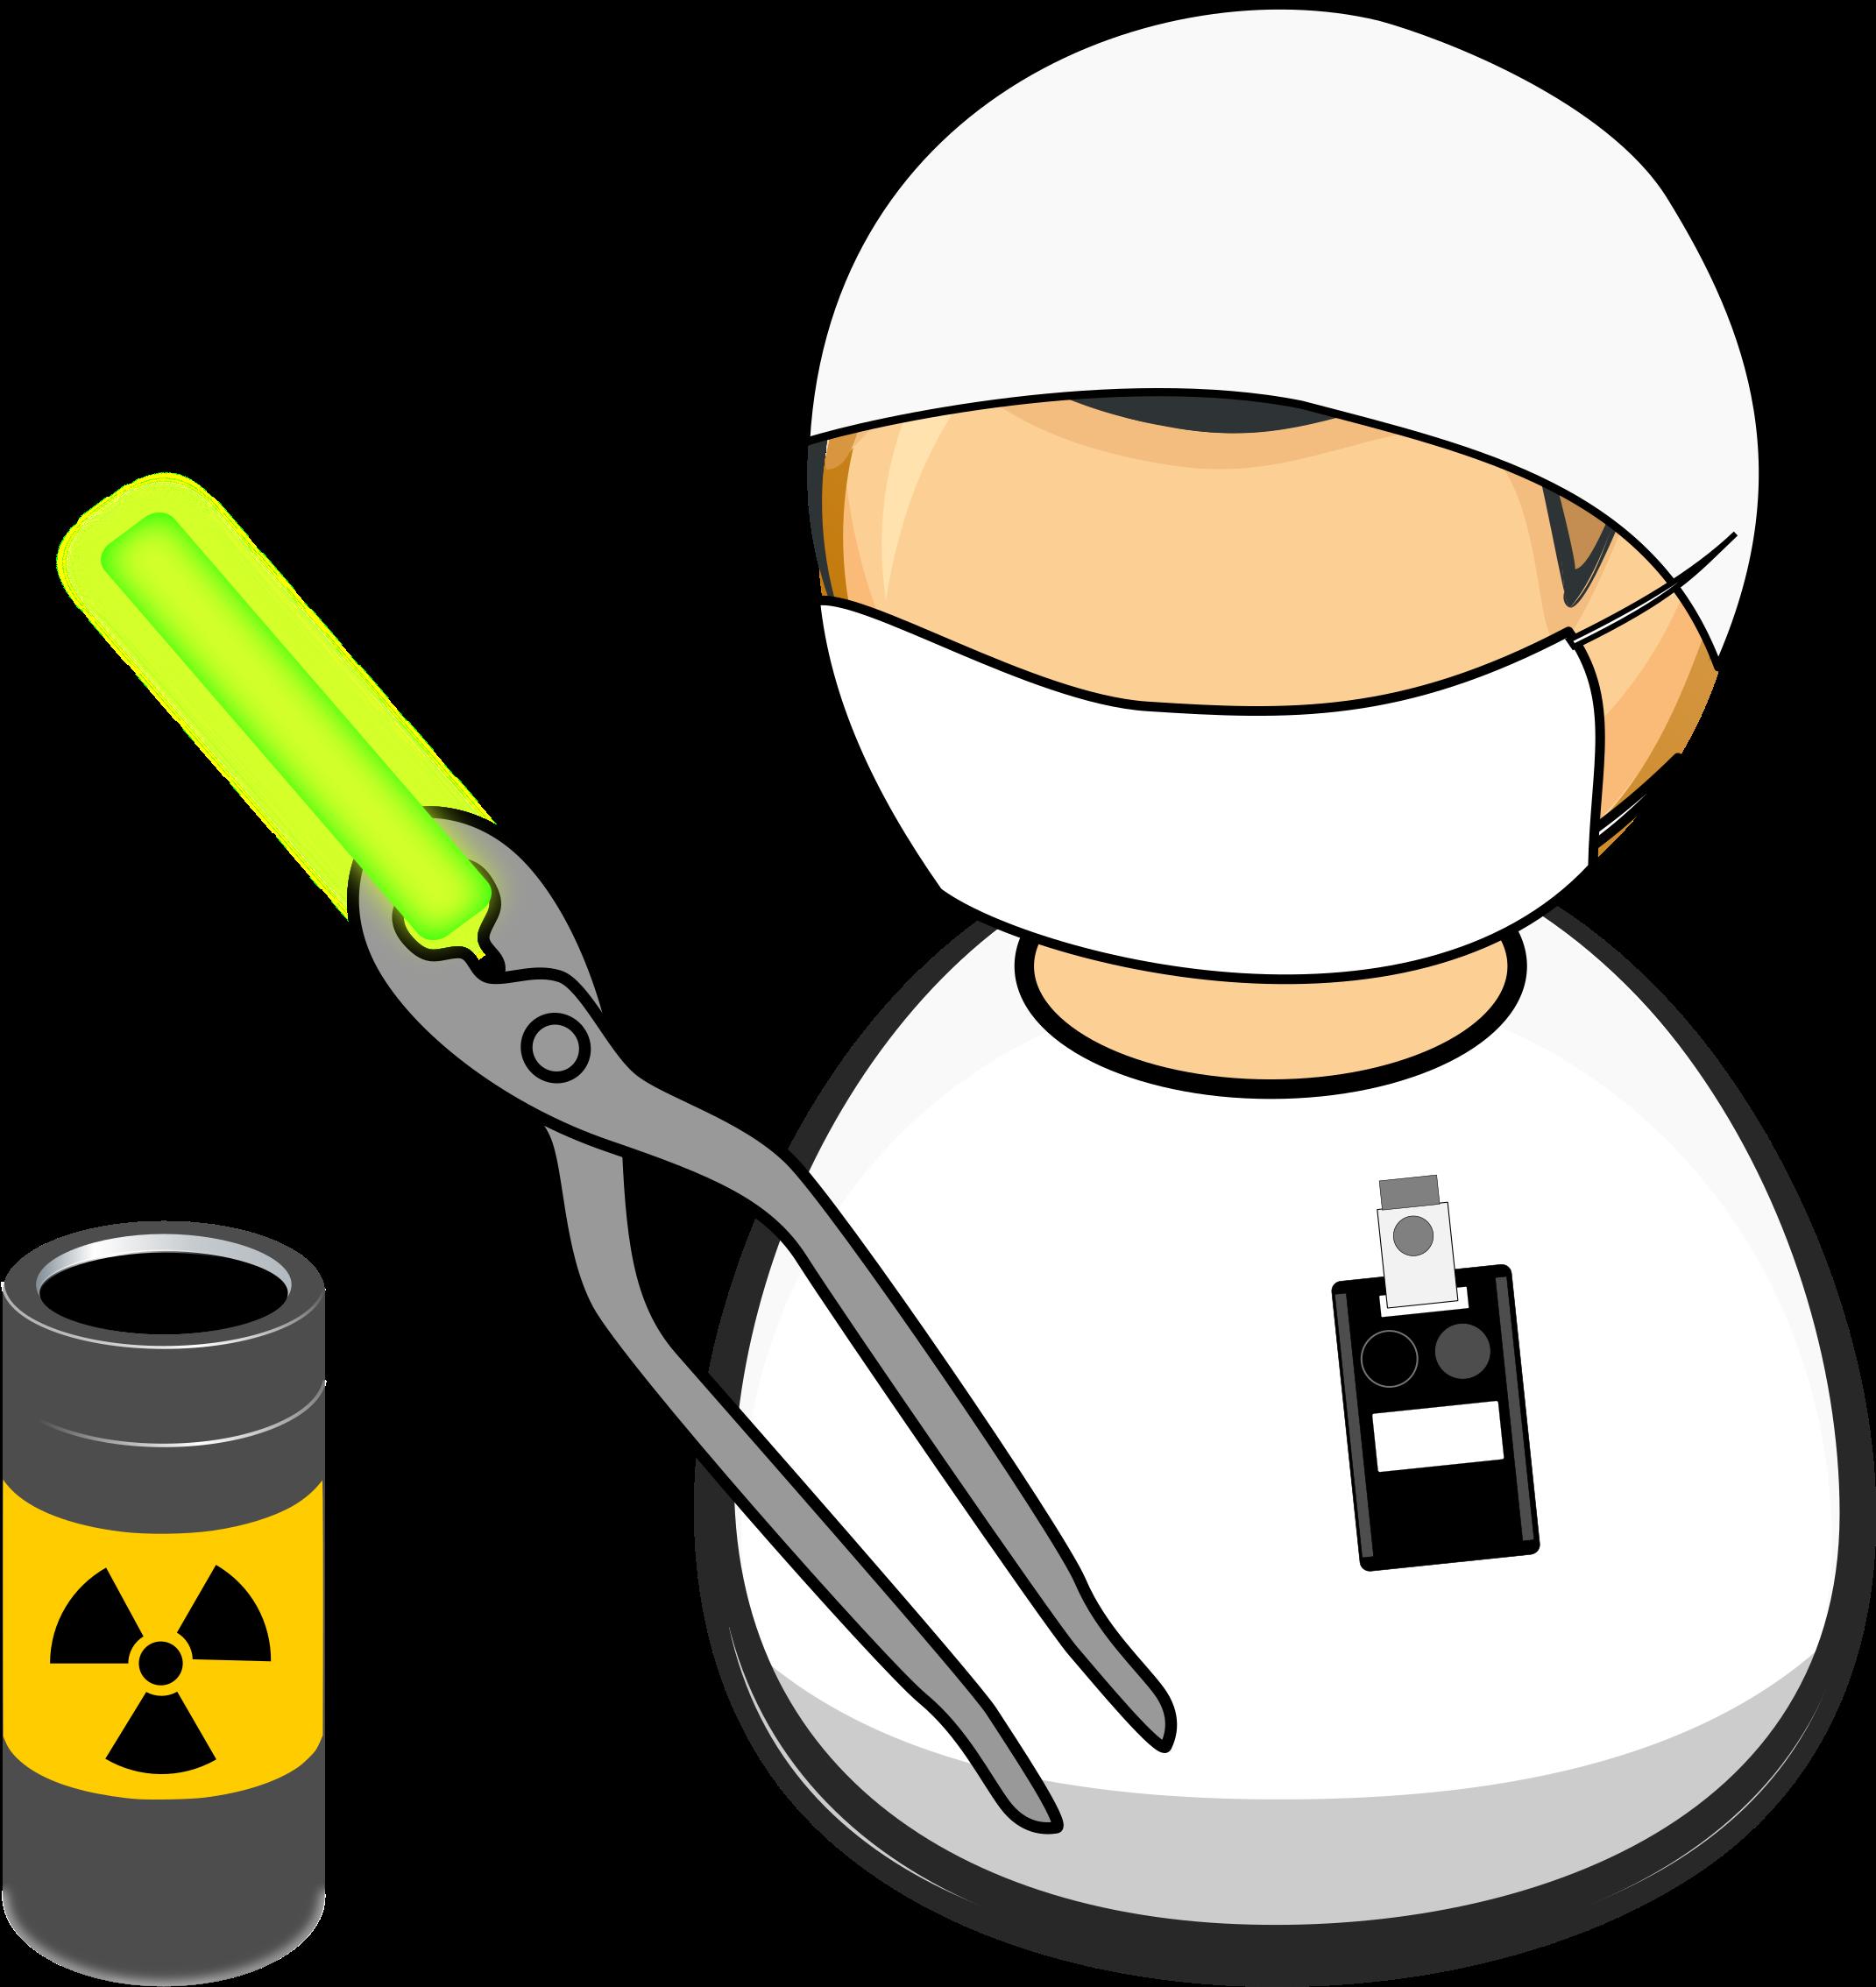 Radioactivity clipart clip art Nuclear Facility Worker Vector Clipart Image - Radioactivity ... clip art